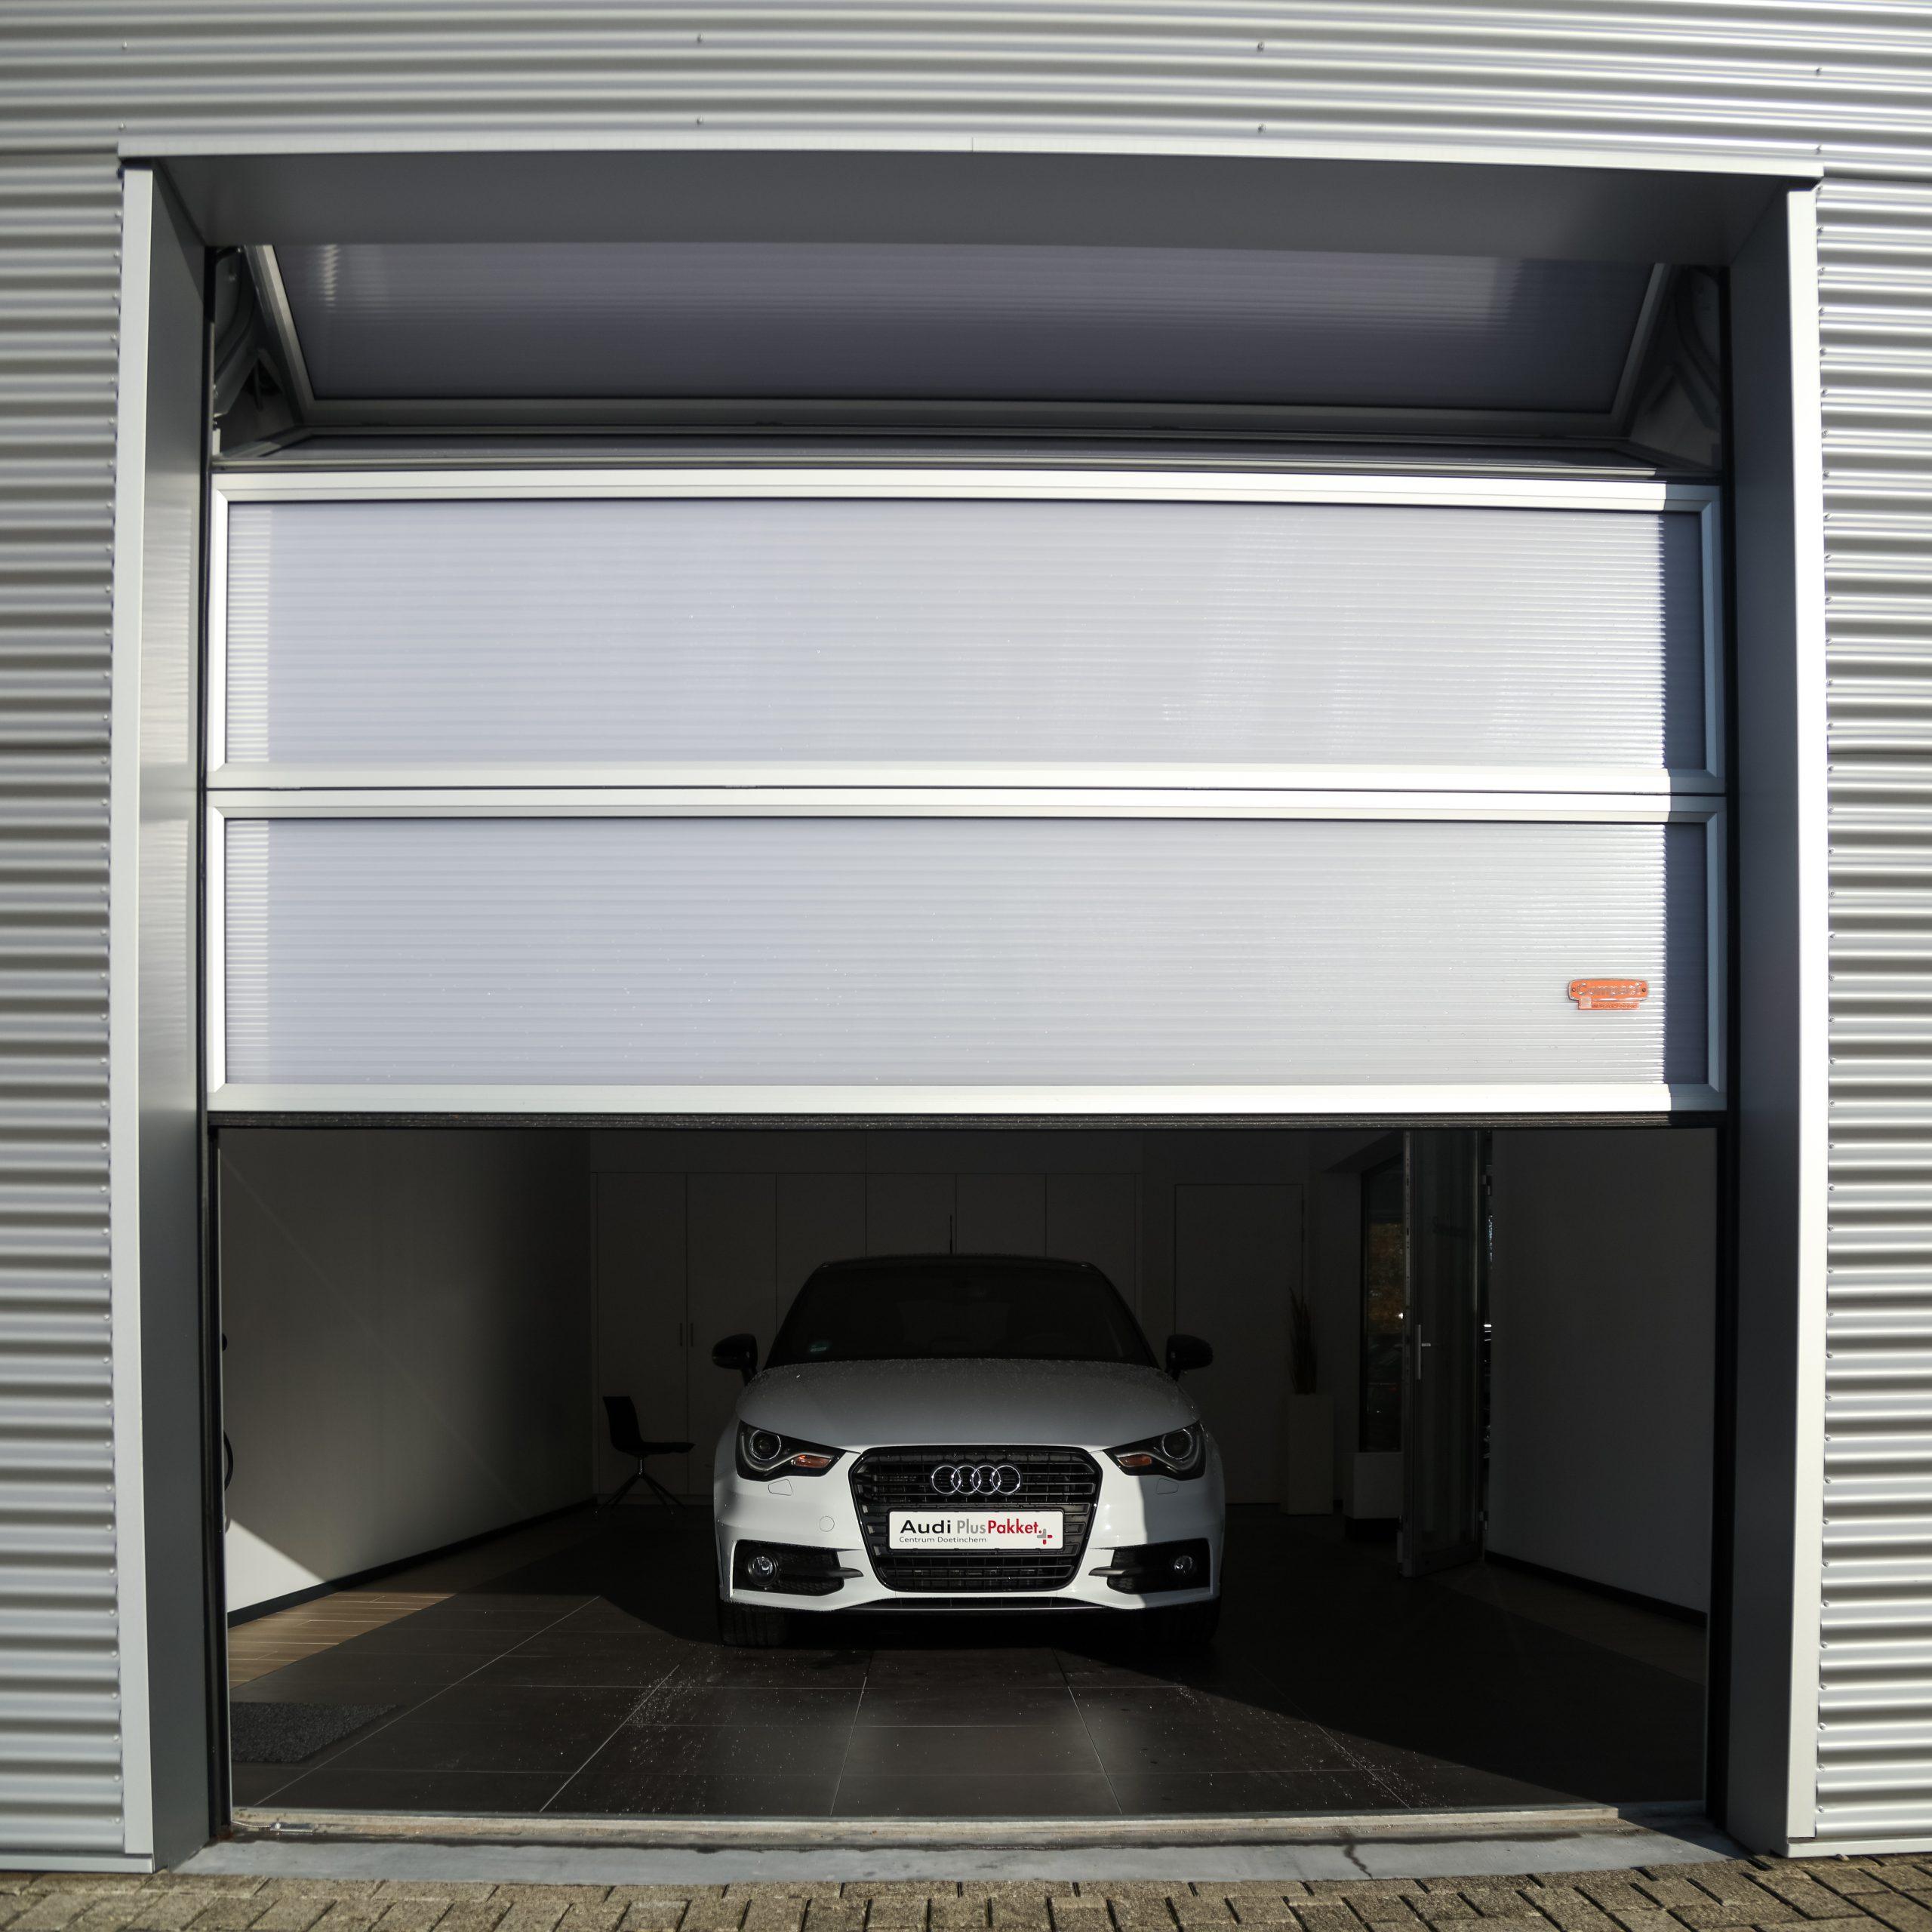 Porte de salle d'exposition avec panneaux translucides